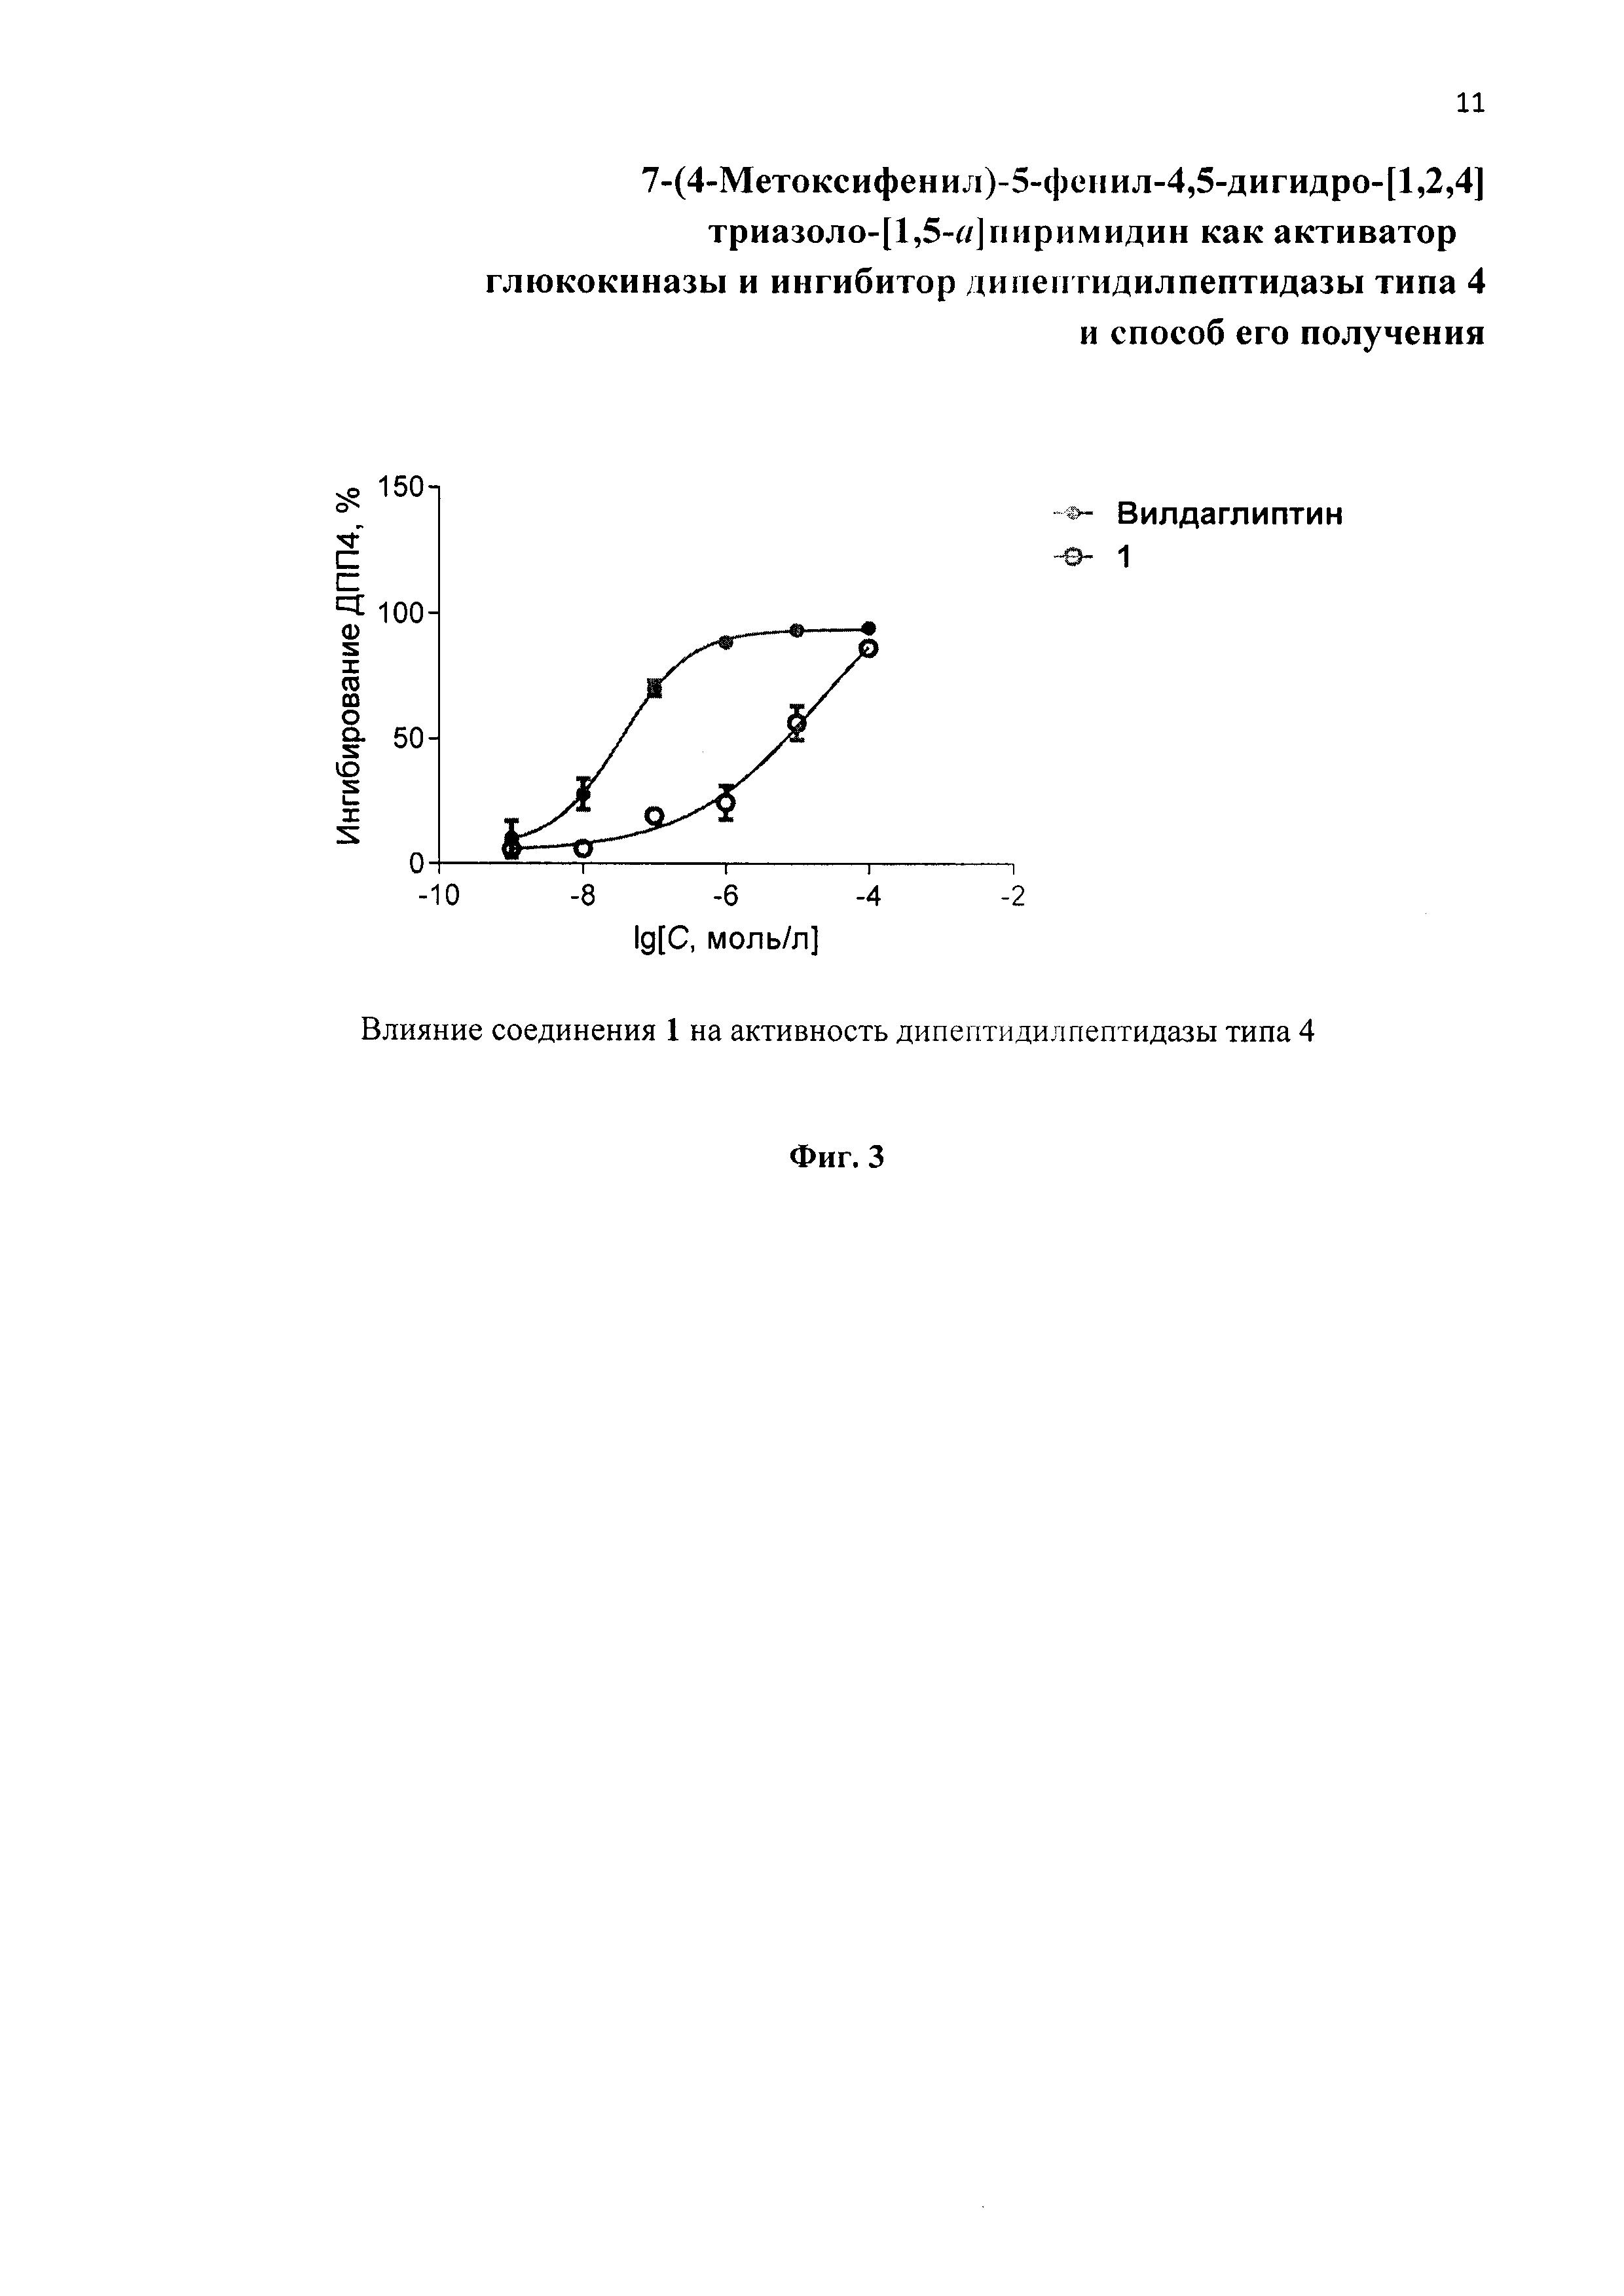 7-(4-Метоксифенил)-5-фенил-4,5-дигидро-[1,2,4]триазоло[1,5-а]пиримидин как активатор глюкокиназы и ингибитор дипептидилпептидазы типа 4 и способ его получения